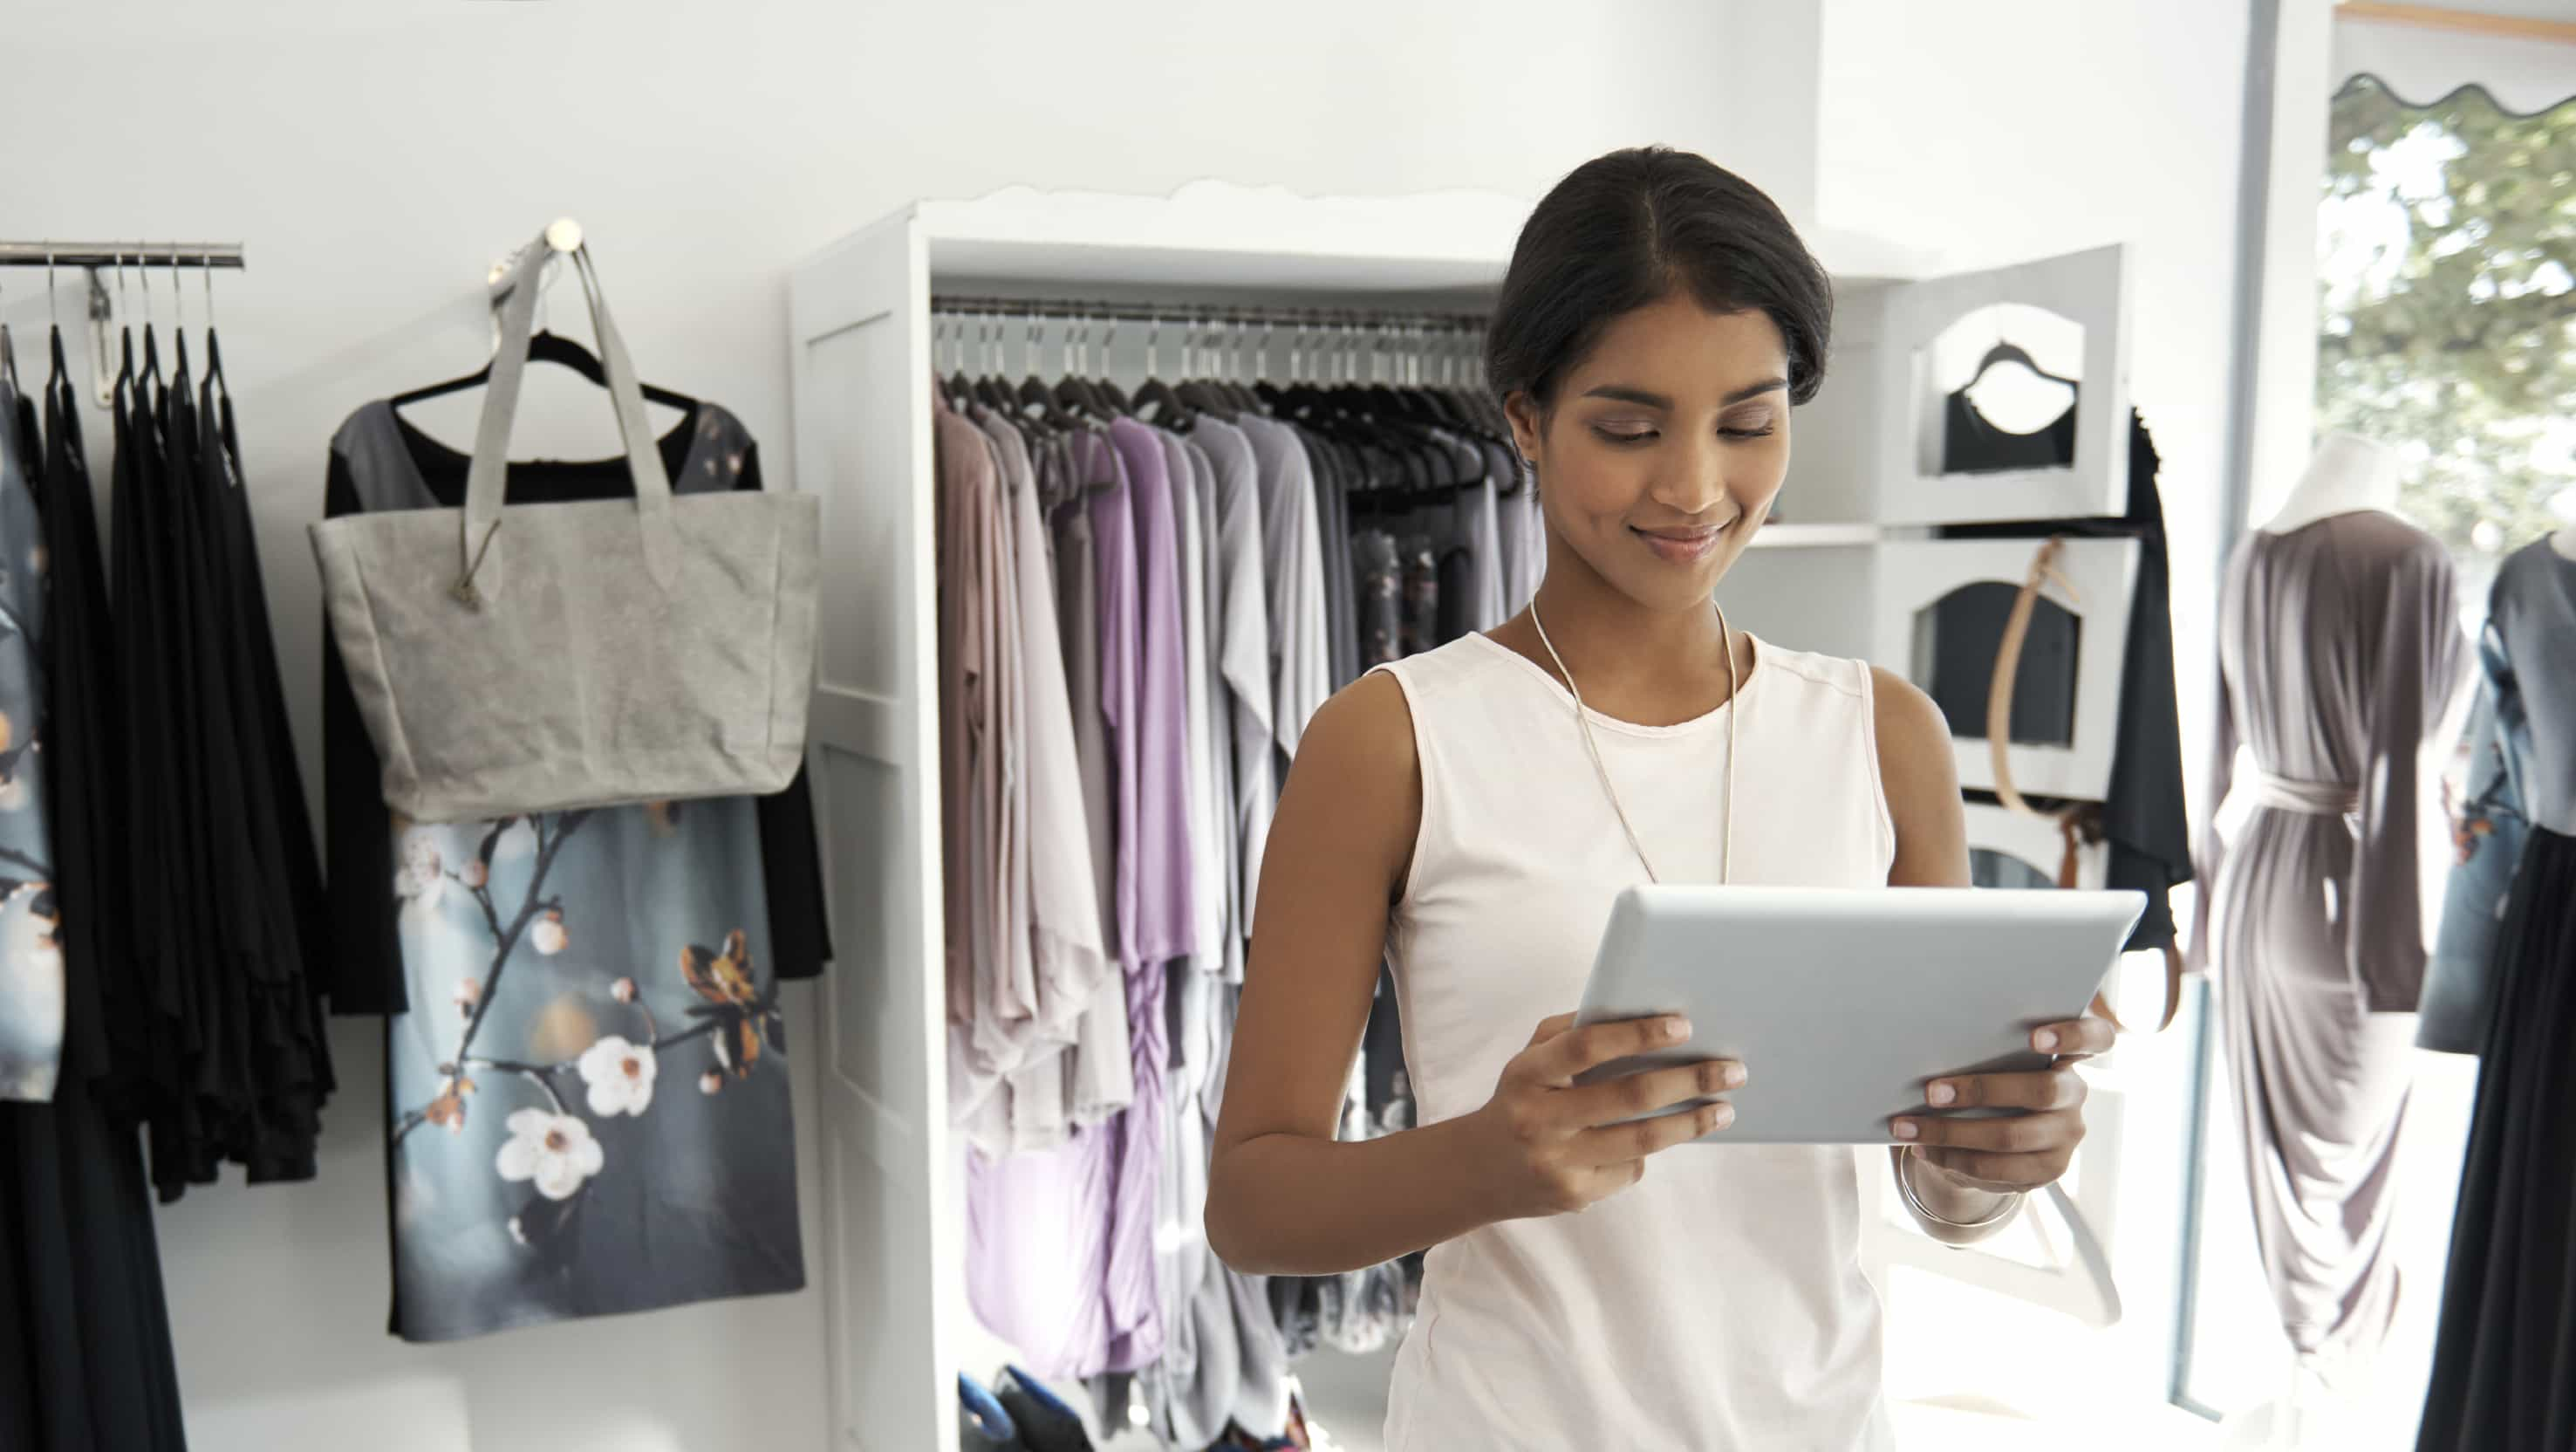 la nueva forma de acceder a las Tiendas de ropa online